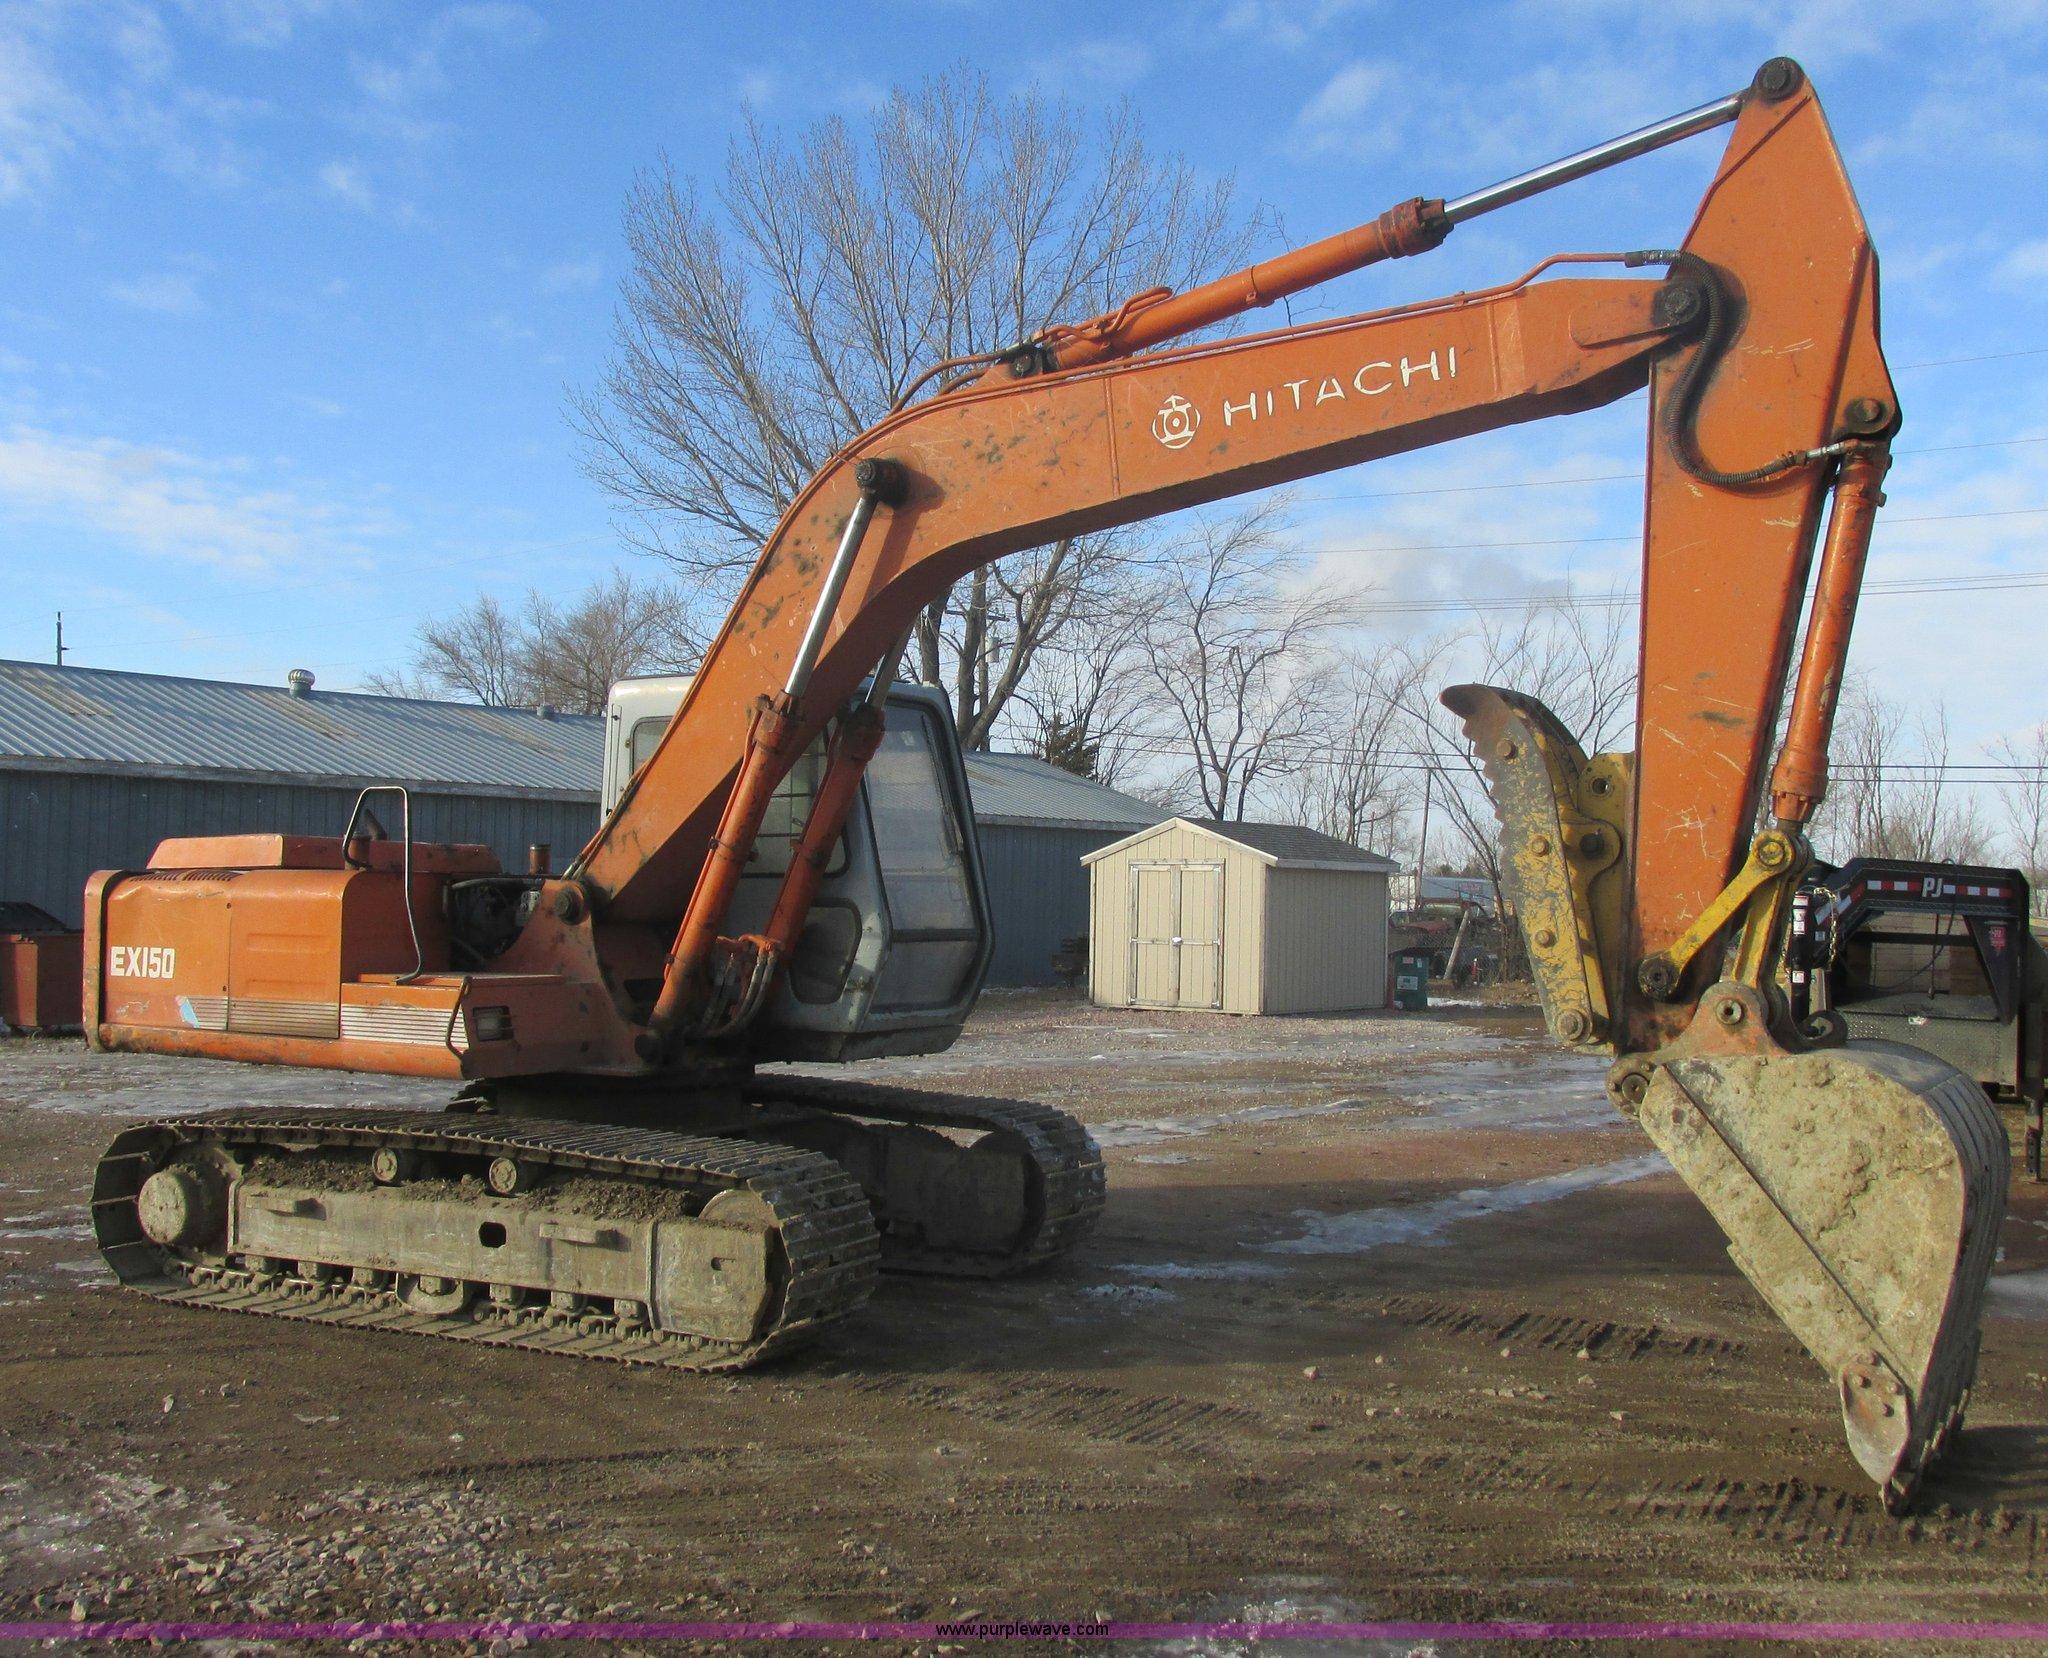 1989 Hitachi EX150 excavator | Item E5265 | SOLD! February 1